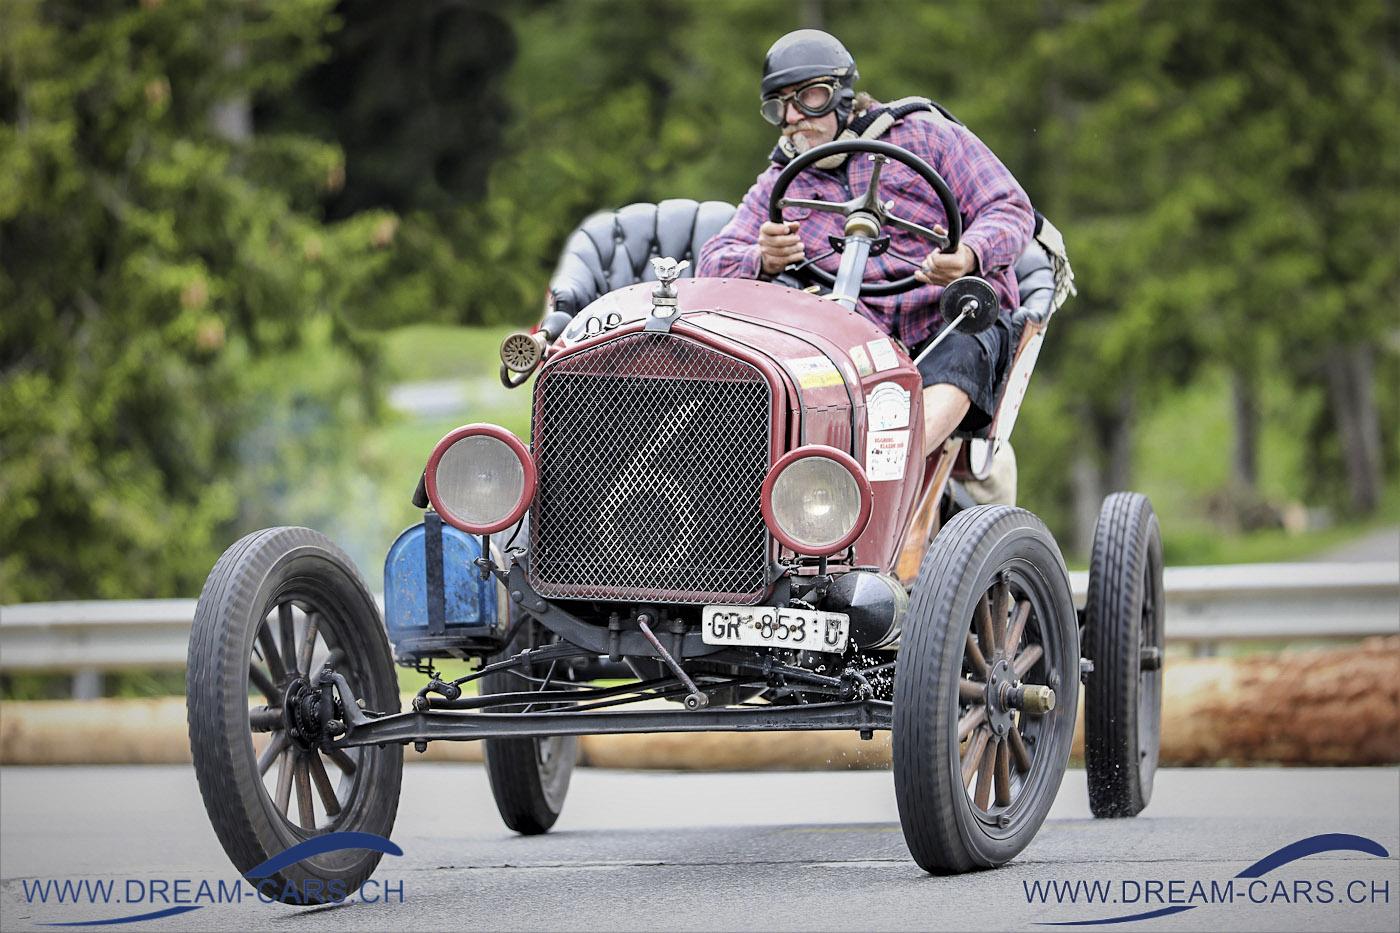 Lenzerheide Motor Classics, 14. bis 16. Juni 2019. Riccardo Beccarelli bewegte seinen 101 Jahre alten Ford T sehr engagiert um den Kurs